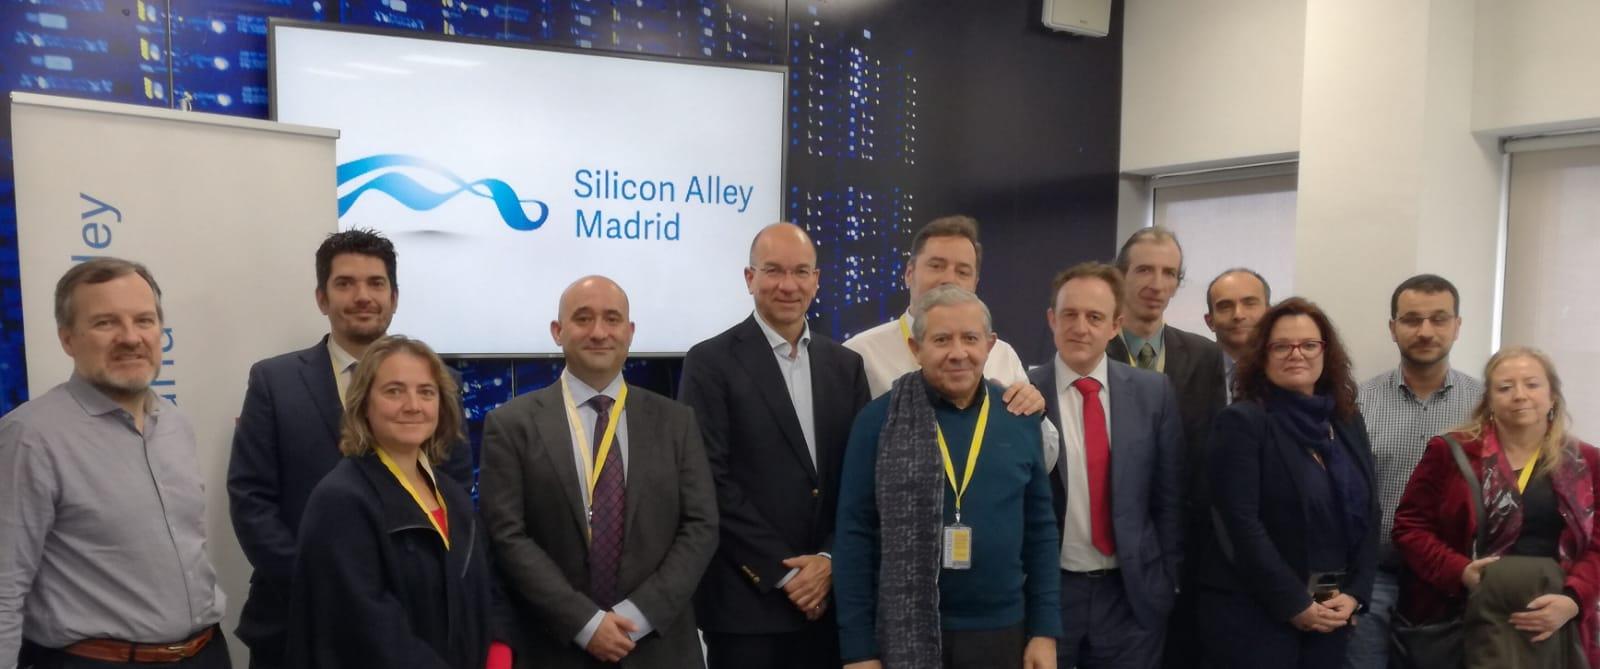 Silicon Alley Madrid - Asamblea Enero 2019